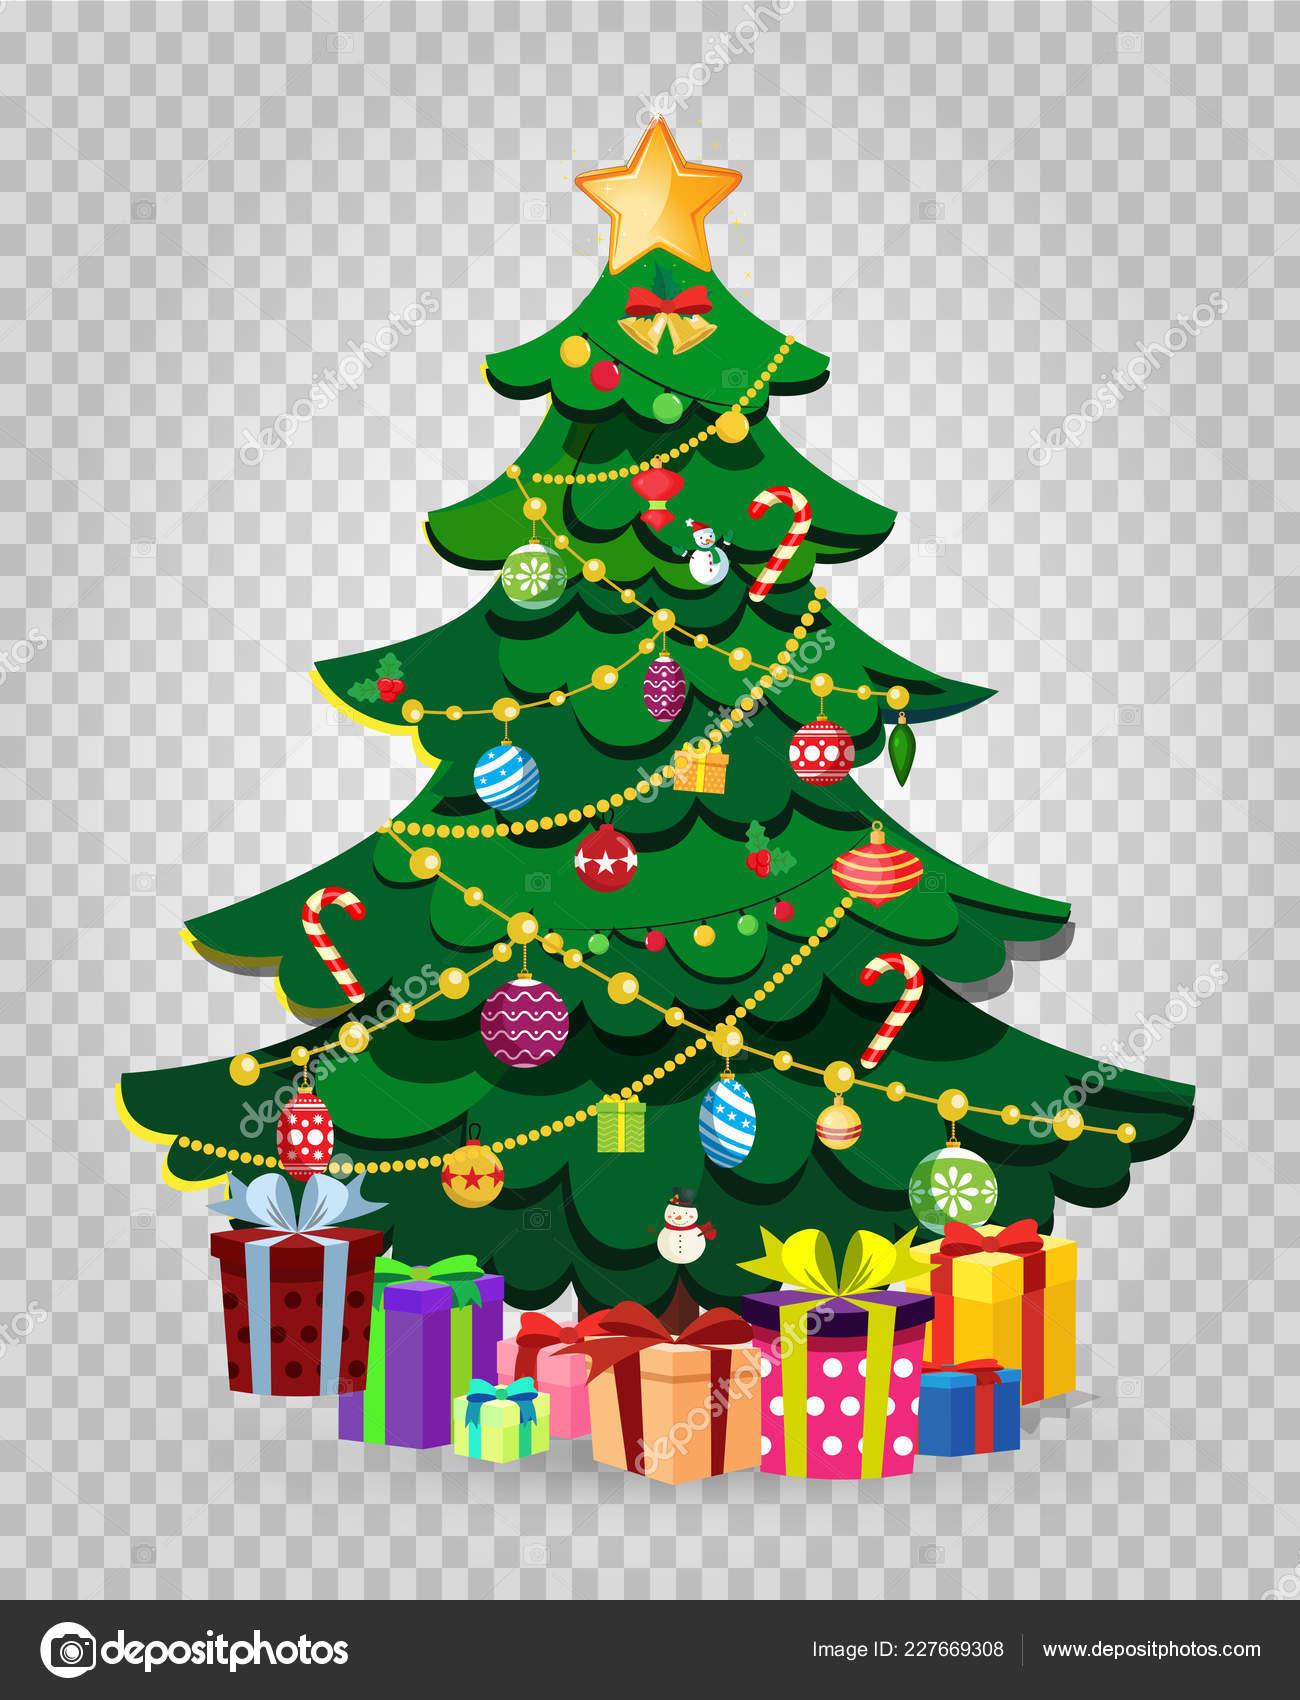 niedlichen cartoon dekoriert weihnachten tannenbaum mit. Black Bedroom Furniture Sets. Home Design Ideas